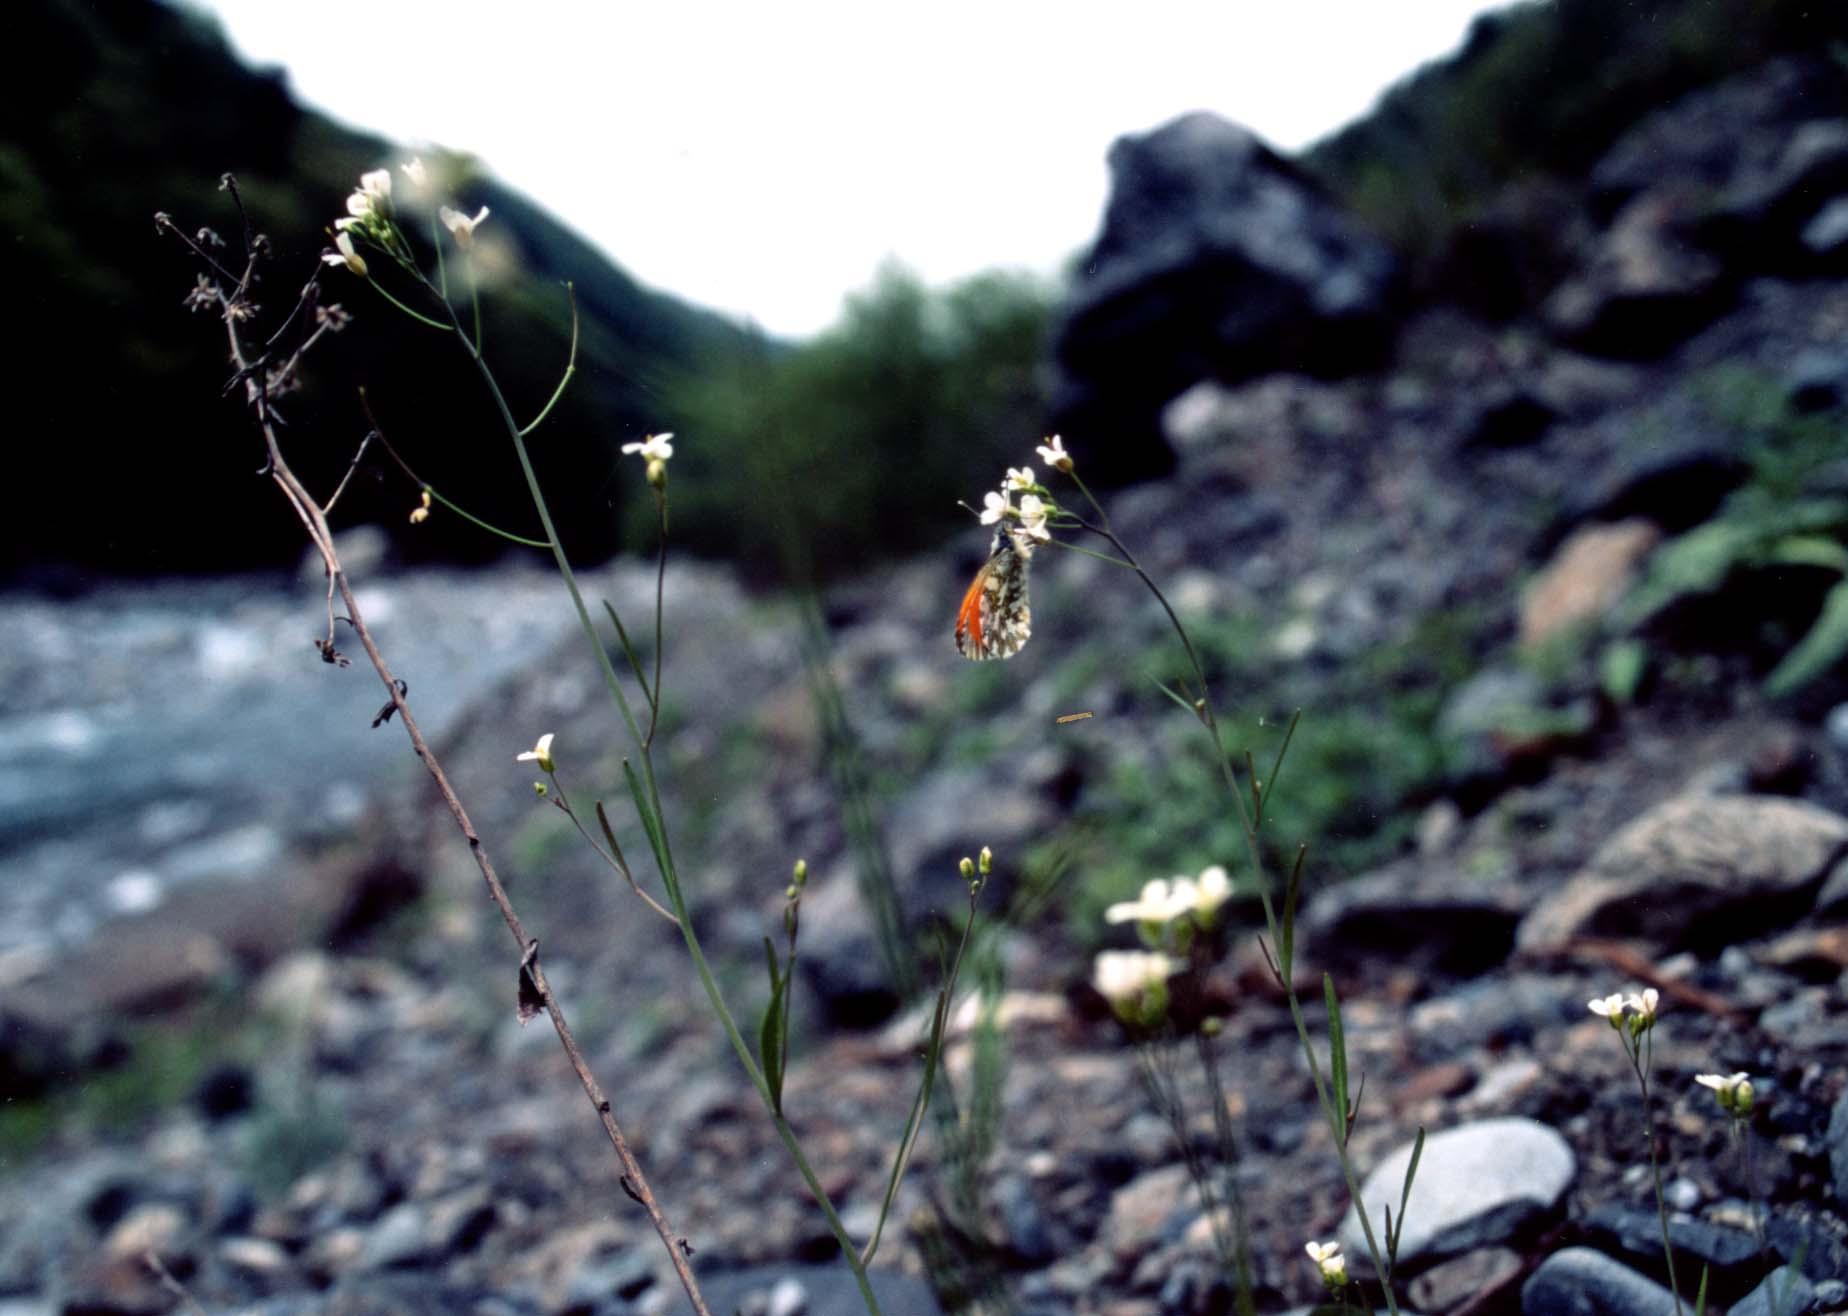 河原のハタザオで吸蜜するクモマツマキチョウ♂(広角)